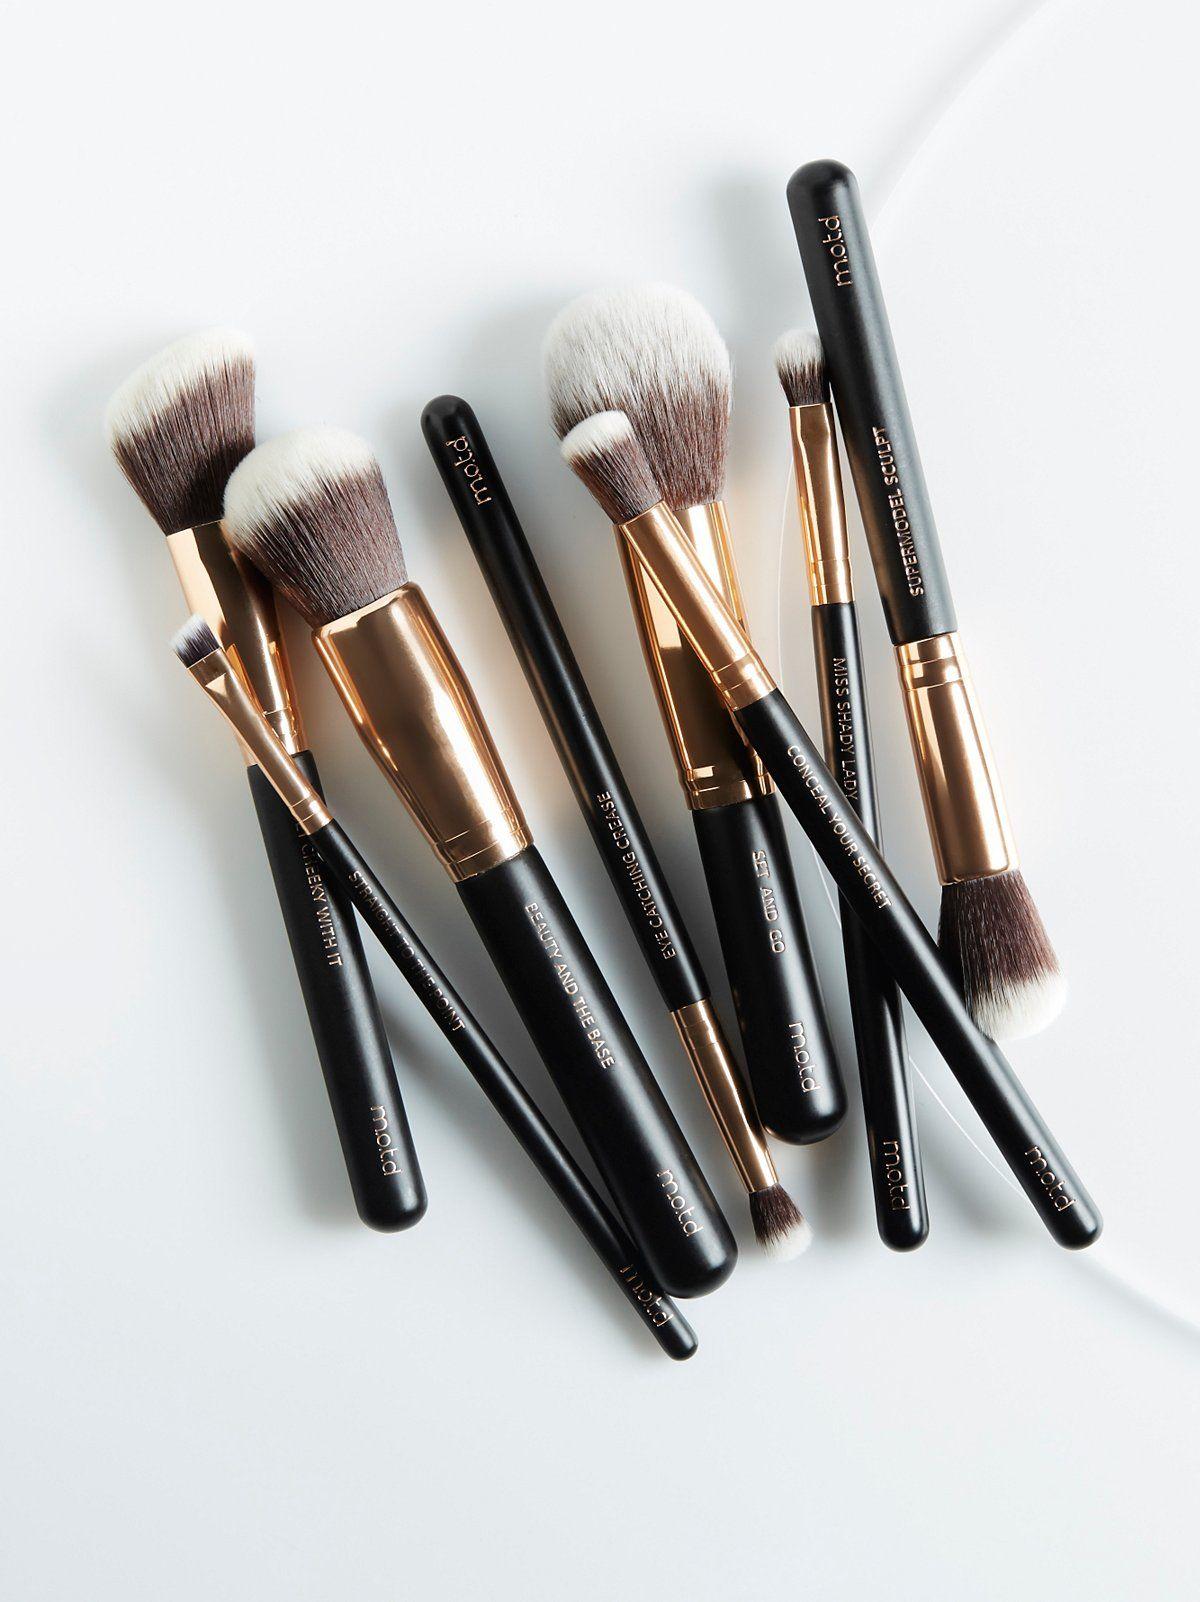 M.O.T.D Cosmetics Lux Vegan Essential Brush Set